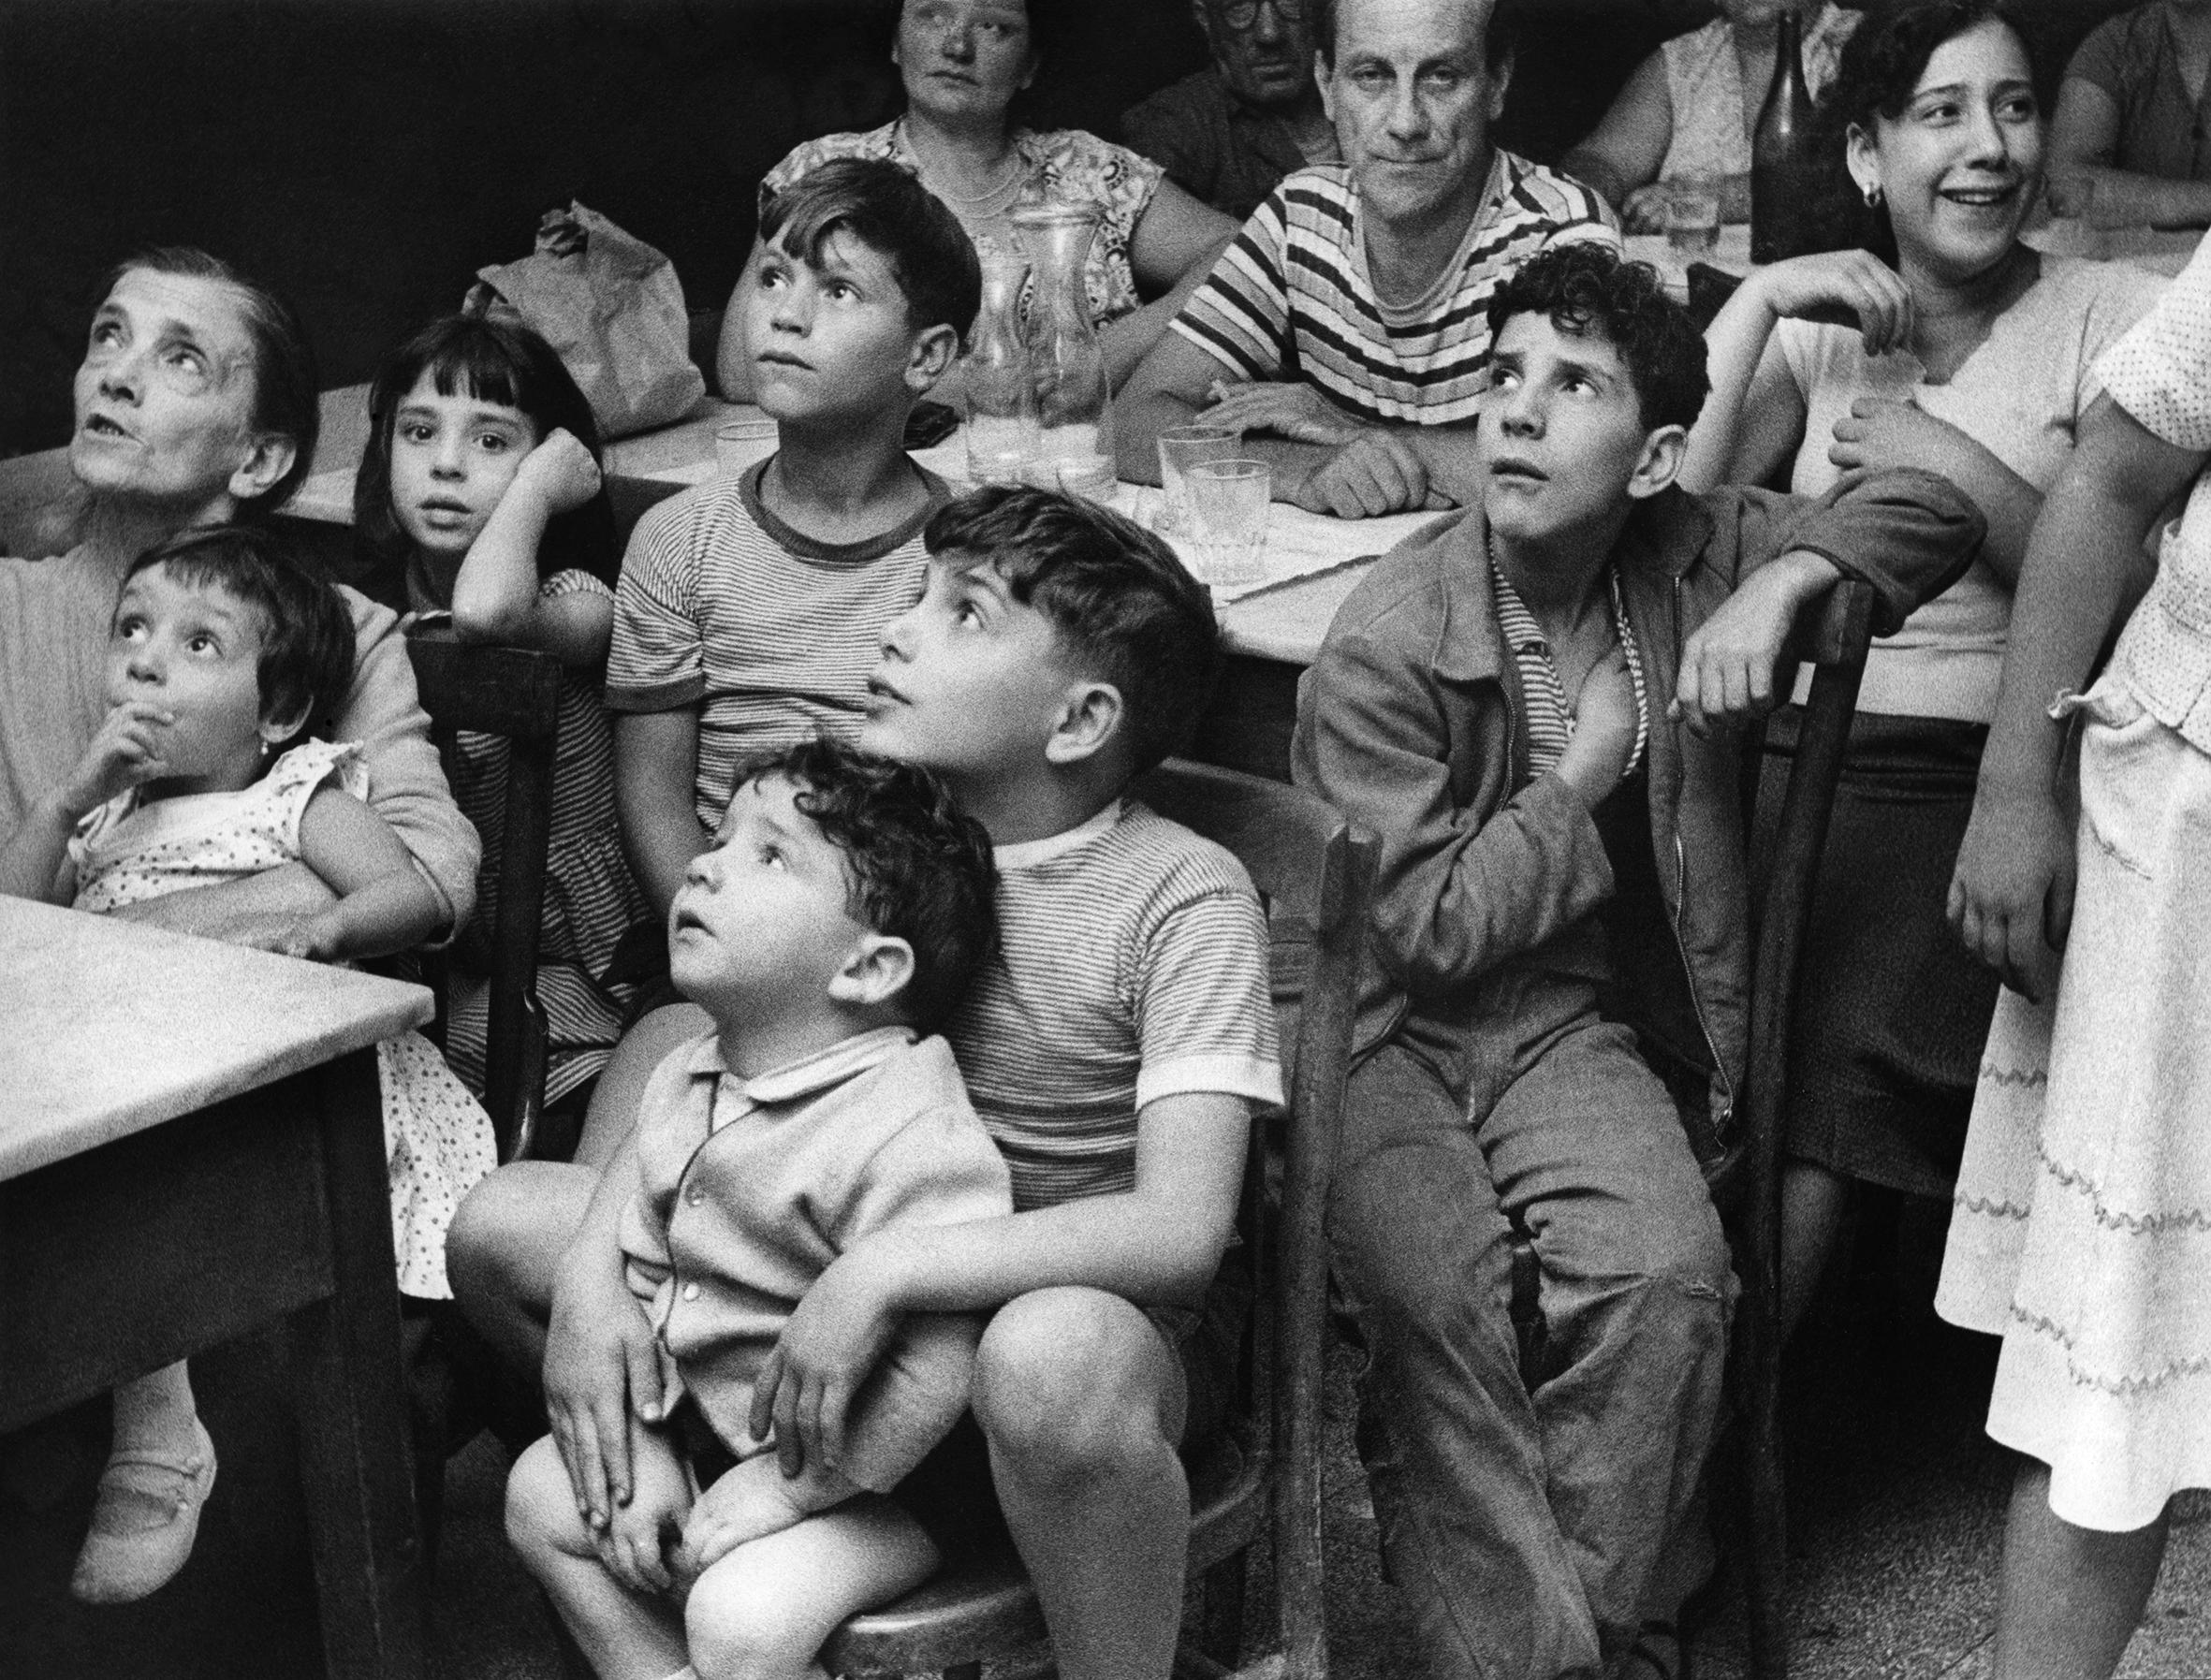 Lori Sammartino, Di fronte alla televisione, c. 1960 (Courtesy Daniele Petiziol).